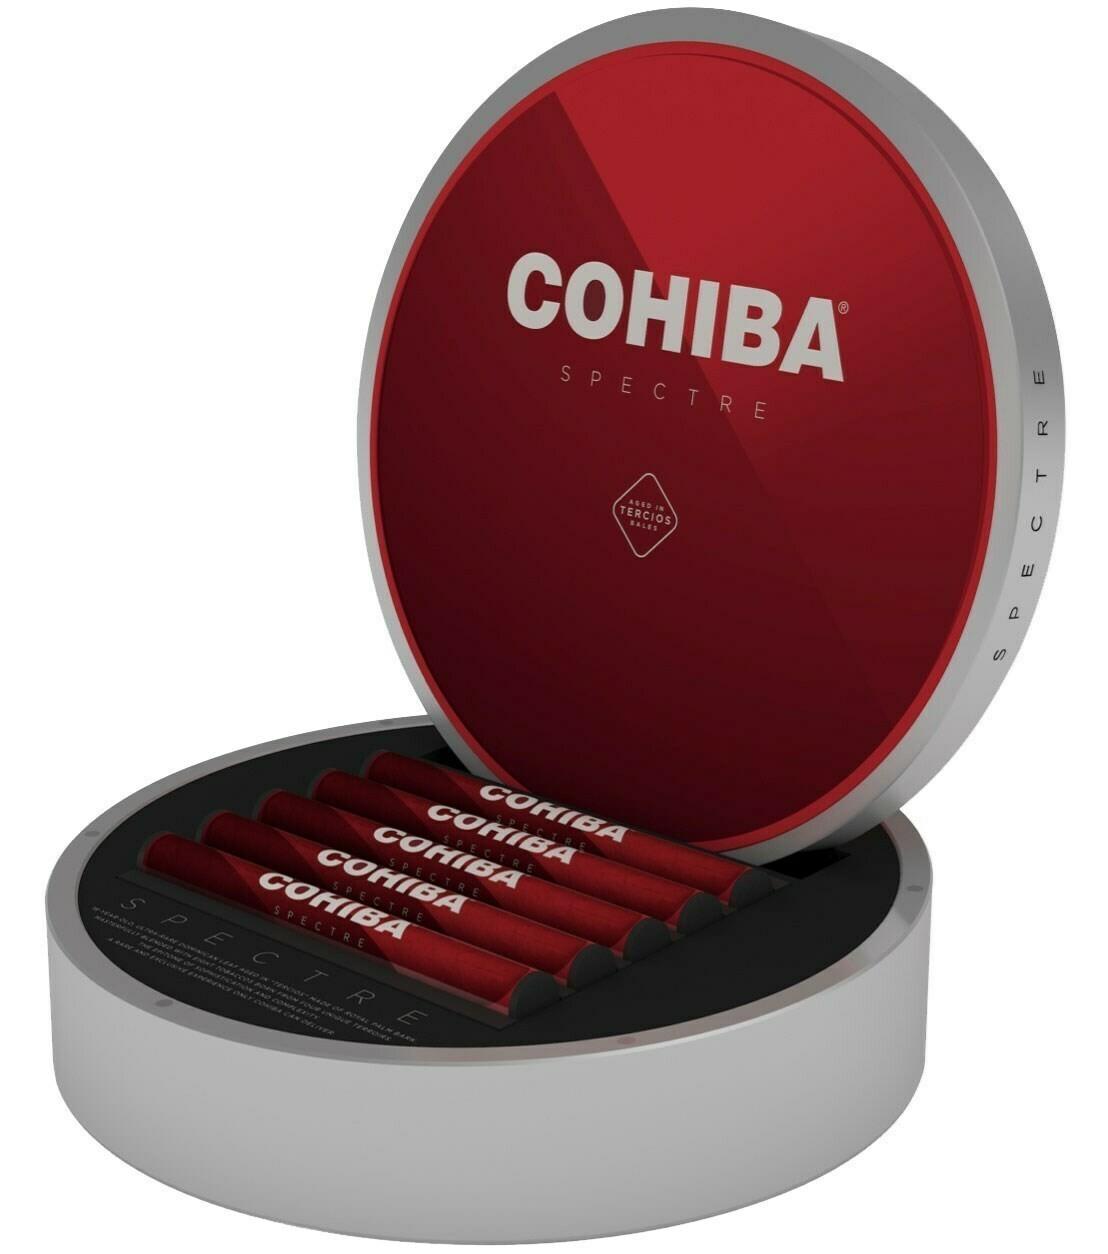 Cohiba Spectre 2.0